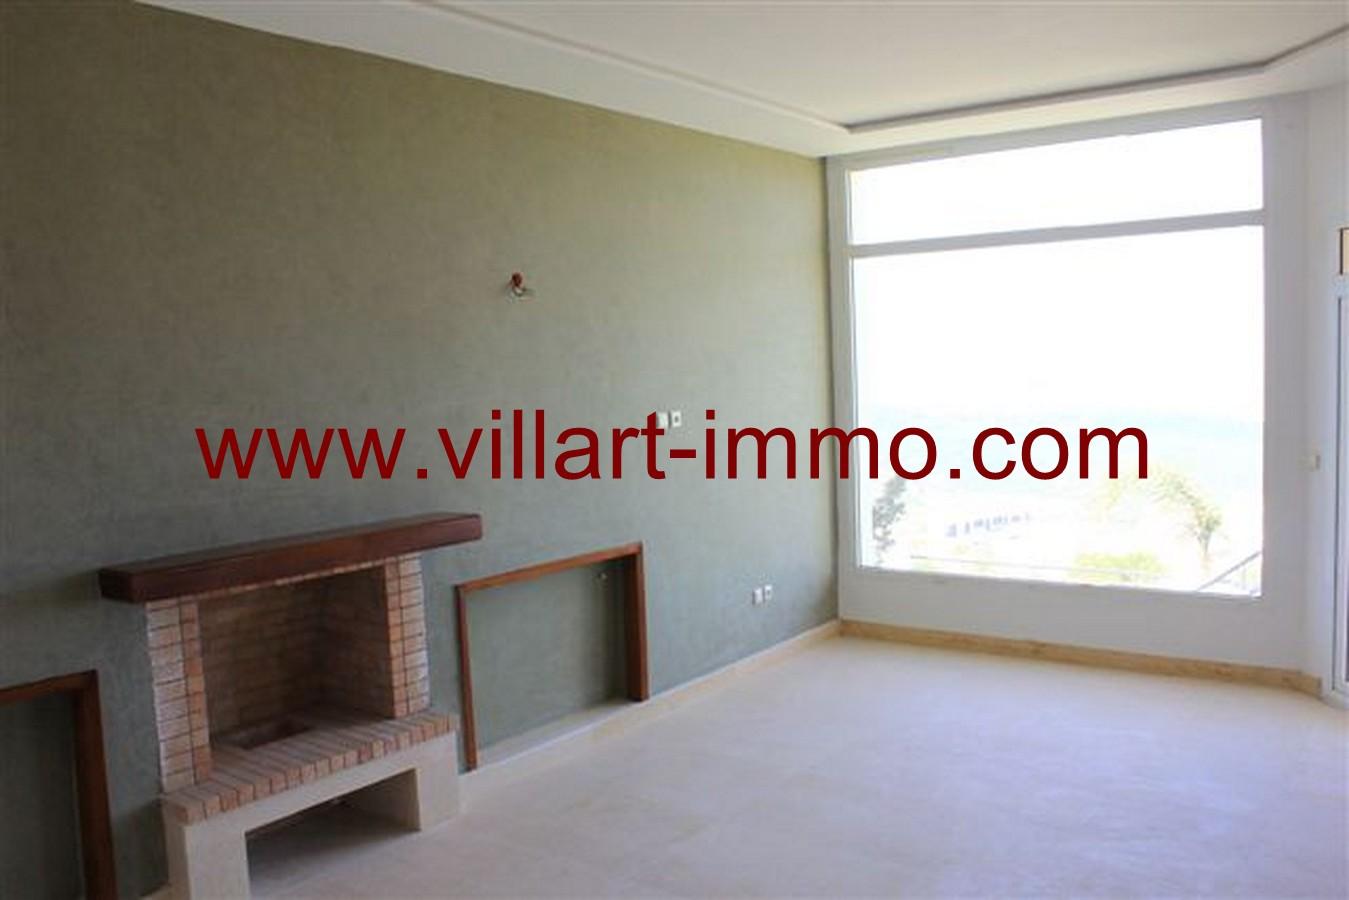 6-Vente-Appartement-Tanger-Malabata-Projet-MIR3-Villart Immo